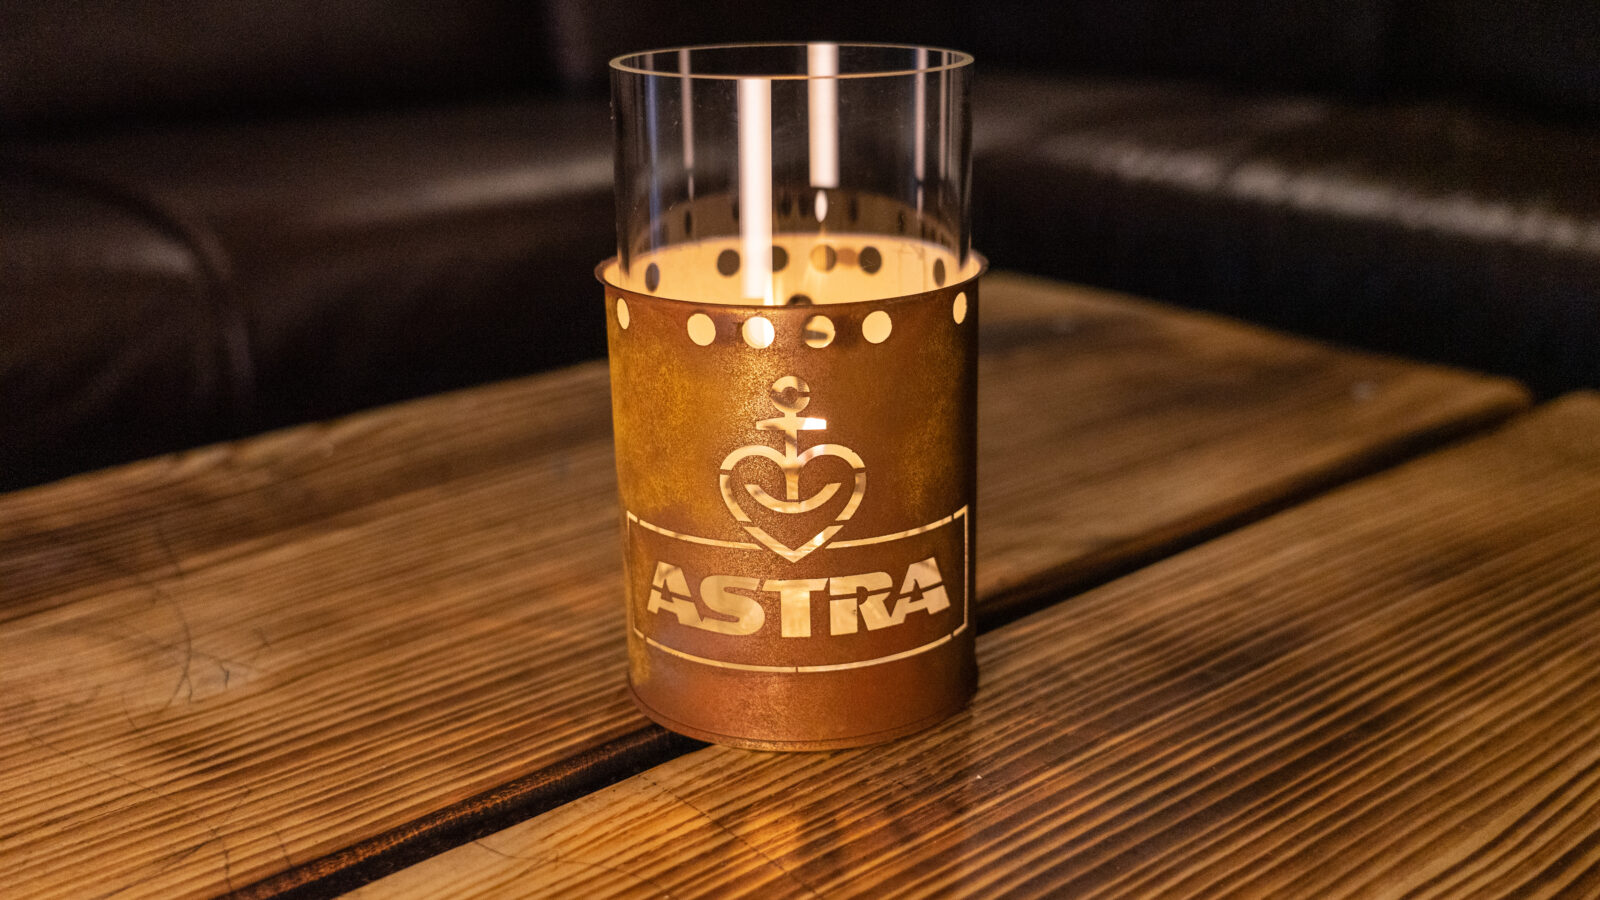 ASTRA - Was dagegen? - ASTRA - Was dagegen?